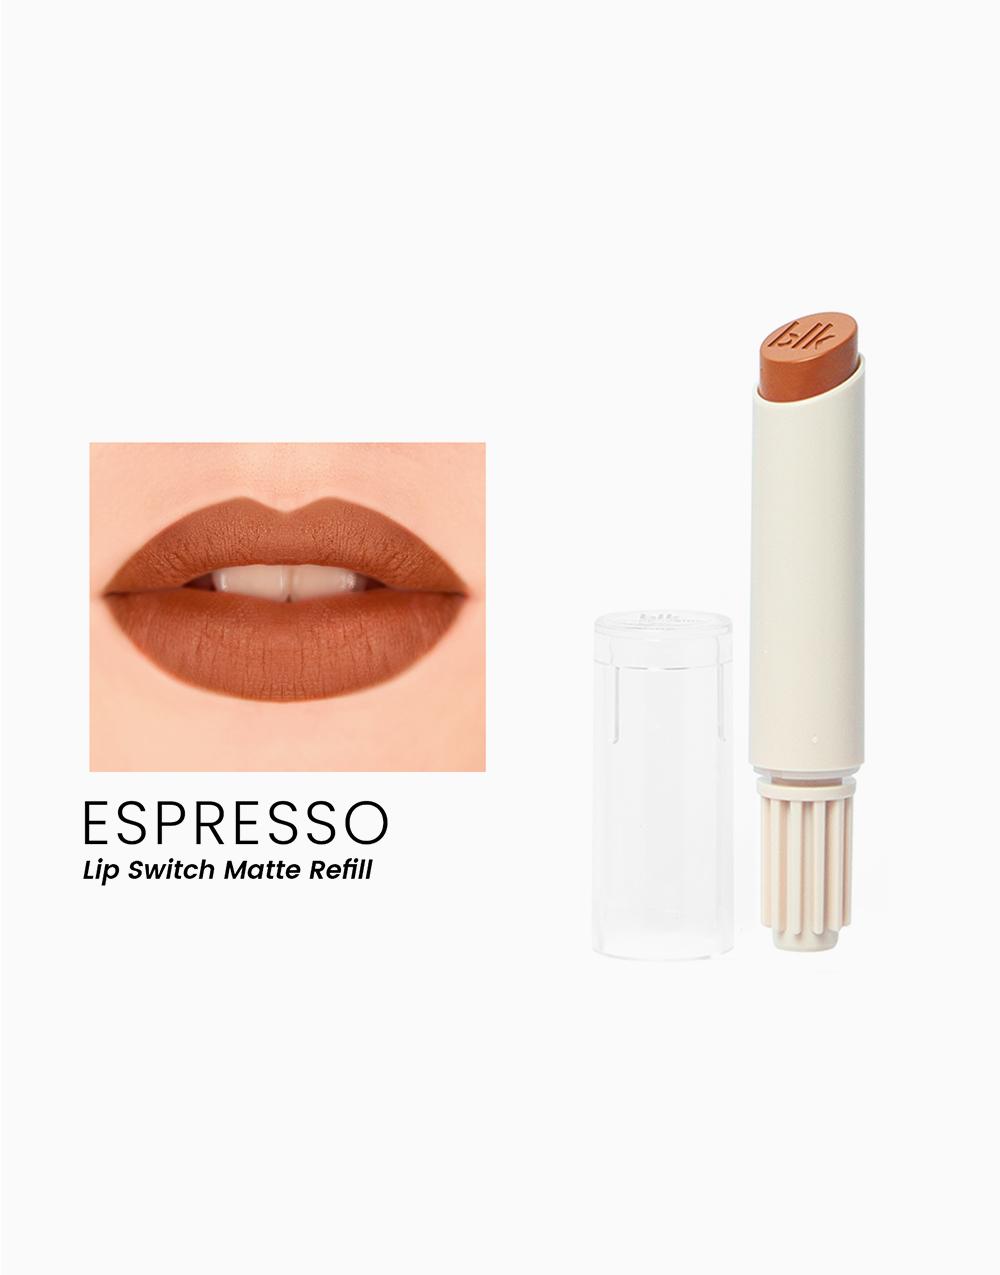 Lip Switch Refill Matte Lippie by BLK Cosmetics | Espresso